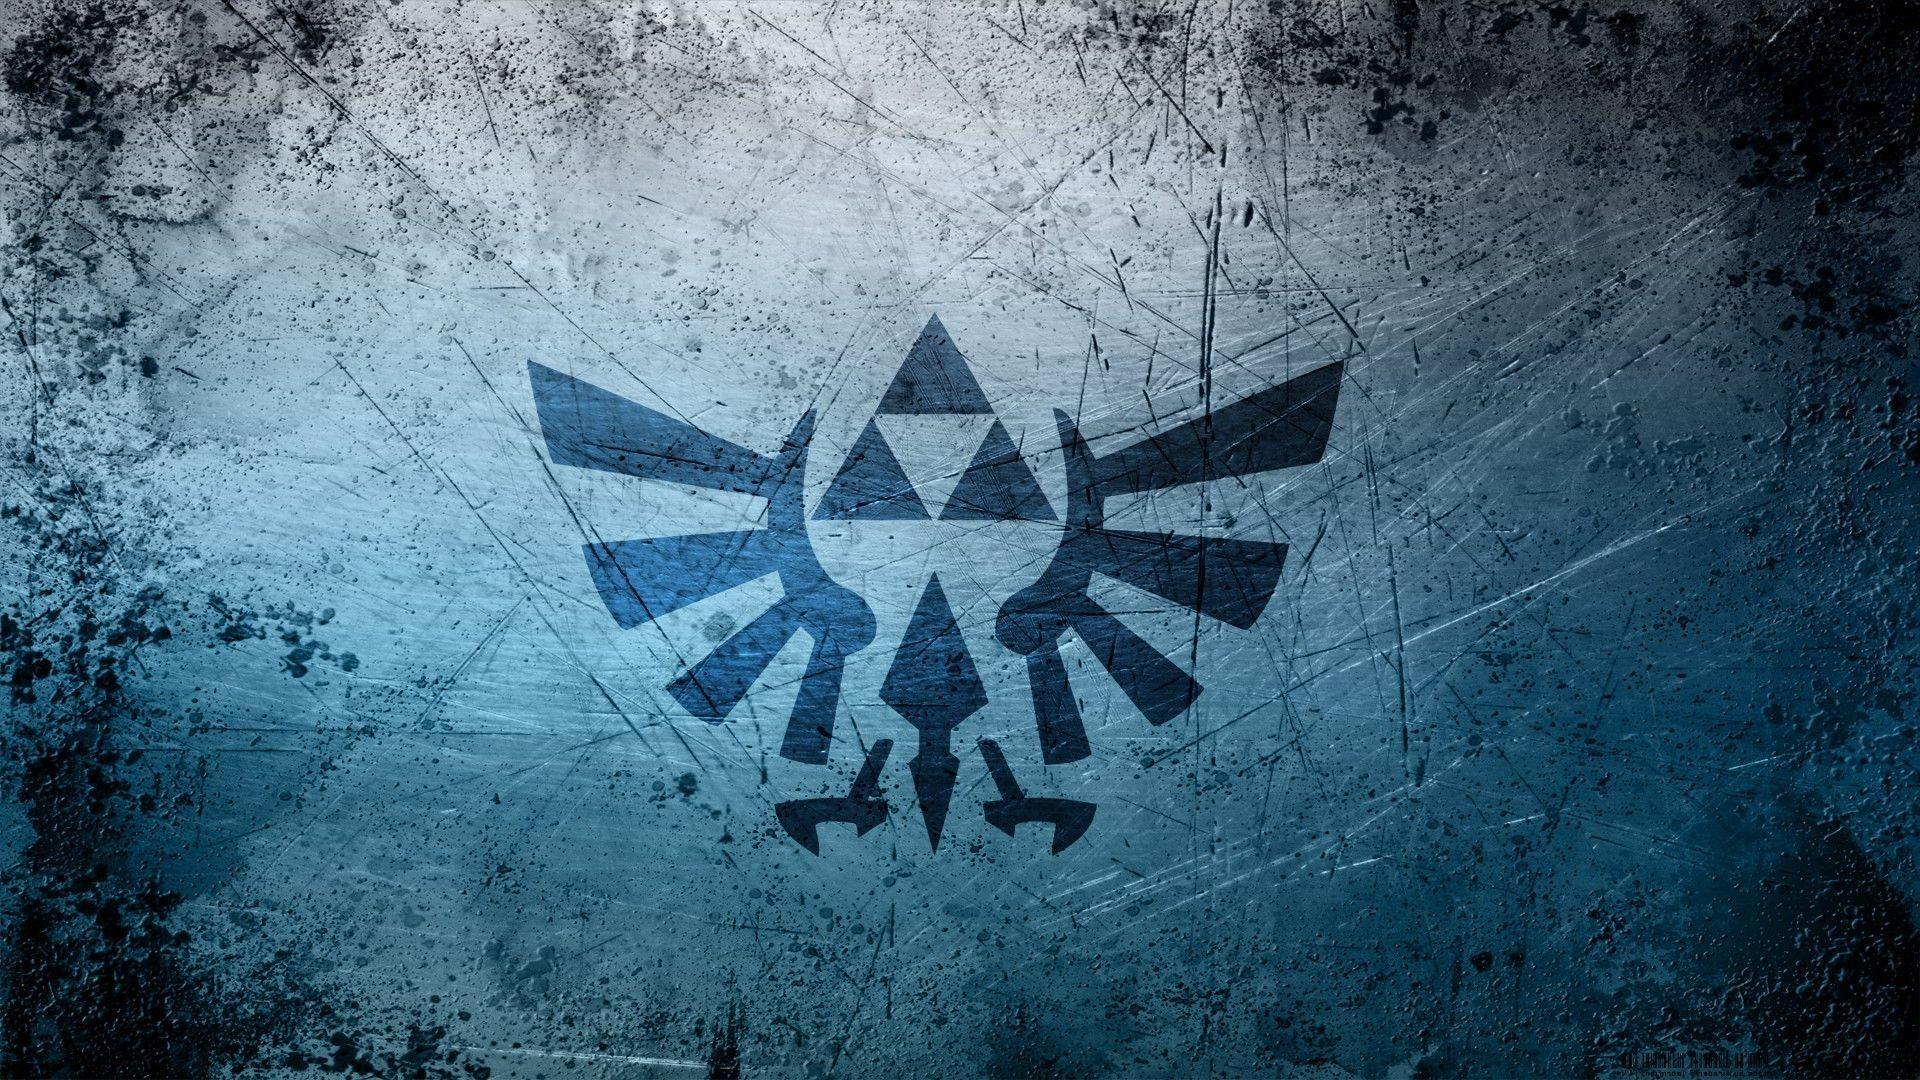 Legend Of Zelda Wallpaper Wide